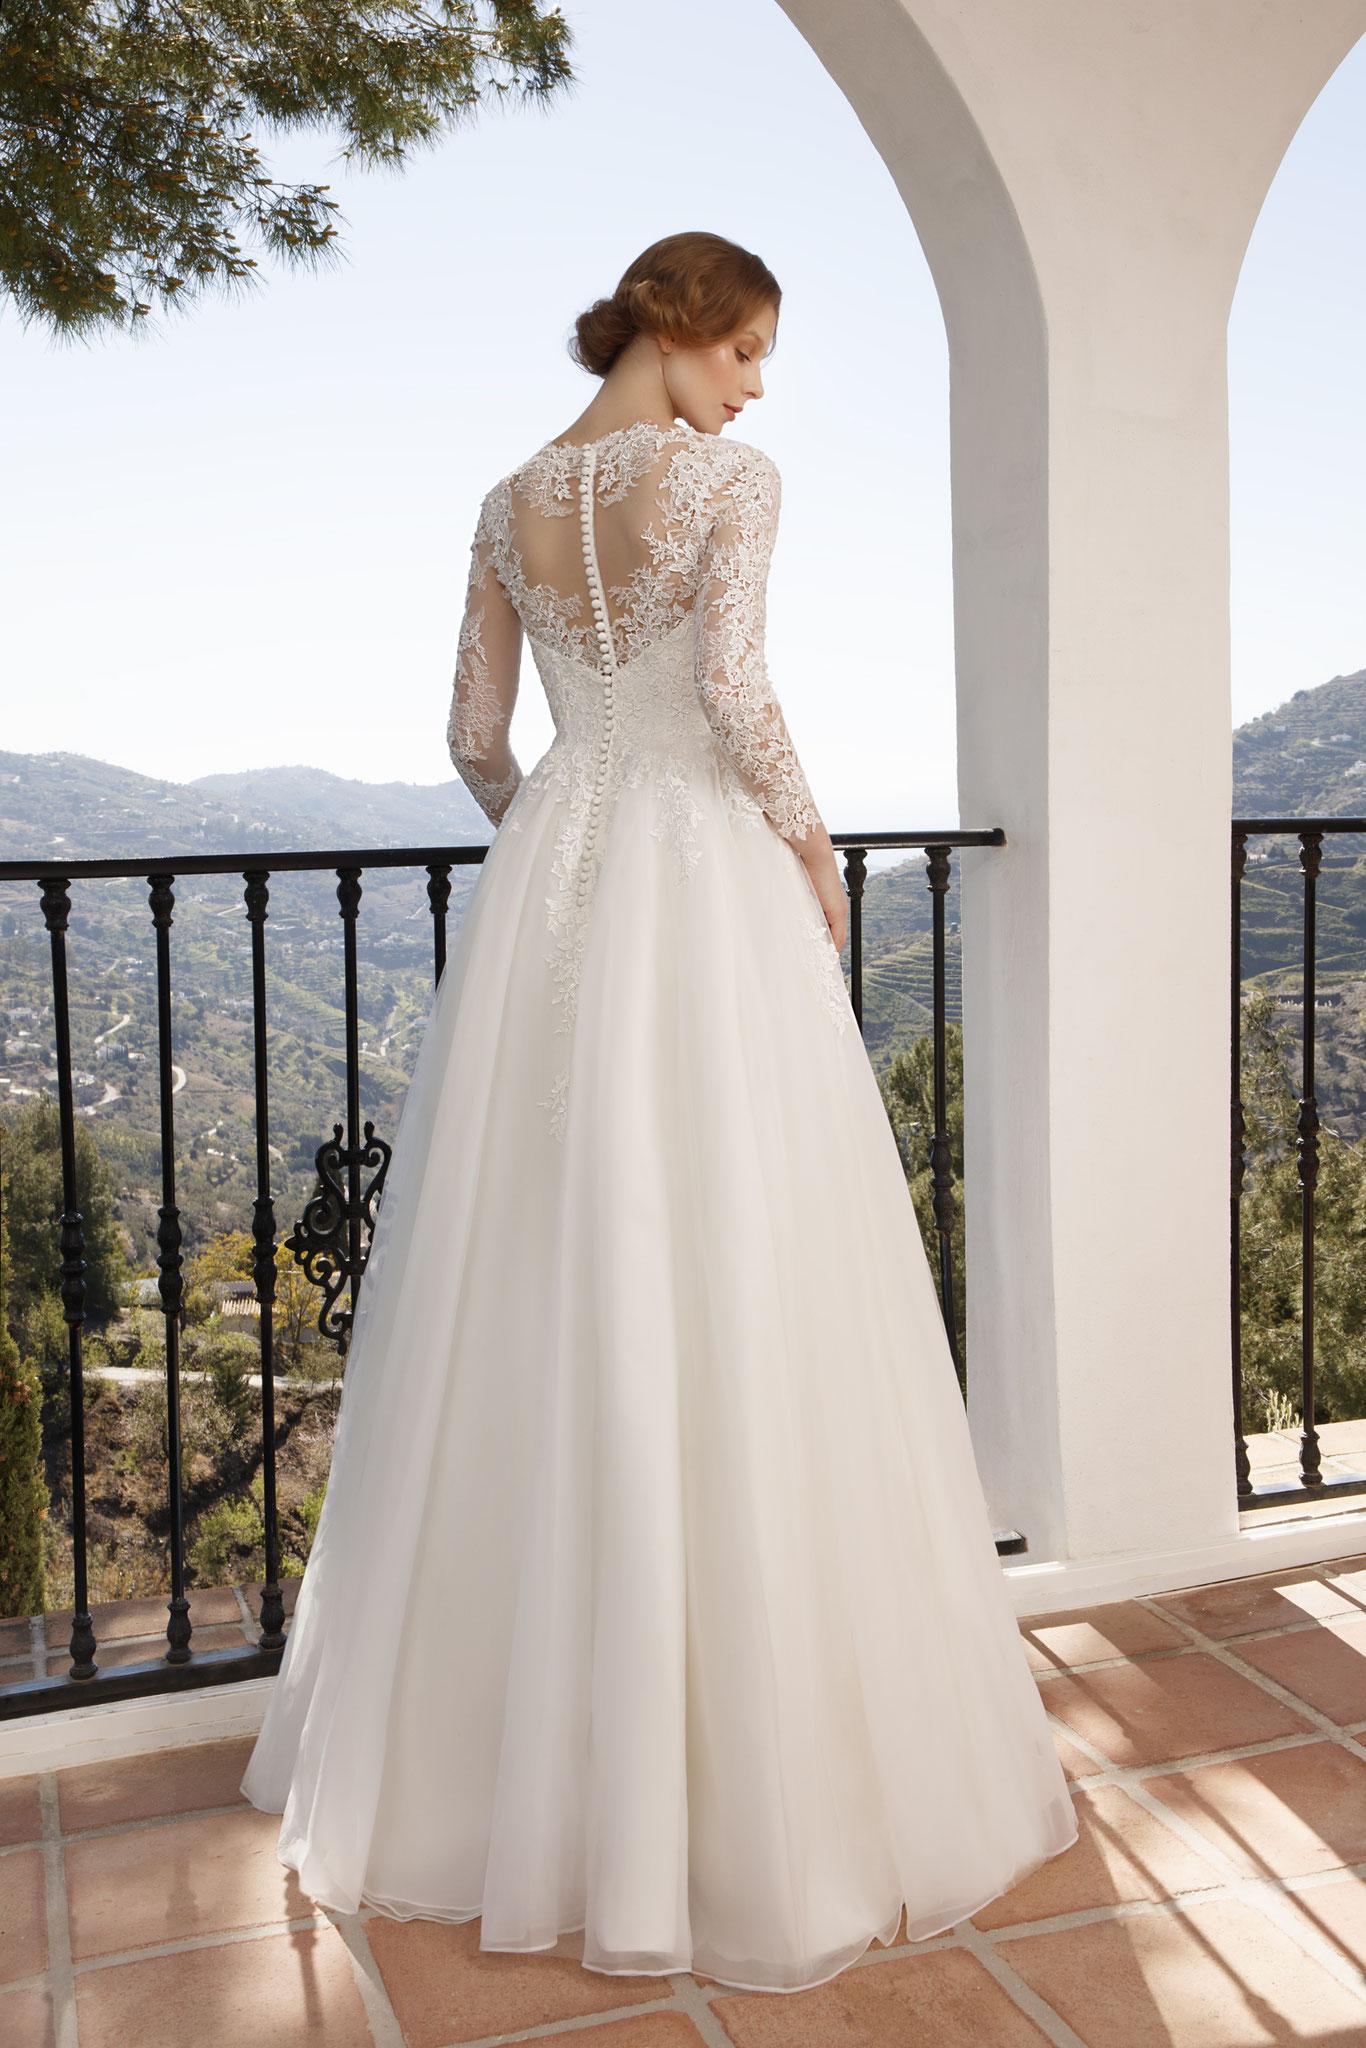 Brautkleider München Jarice myLovely lange Arme Spitze elegant Winterhochzeit Prinzessin ivory Reifrock Knopfleiste